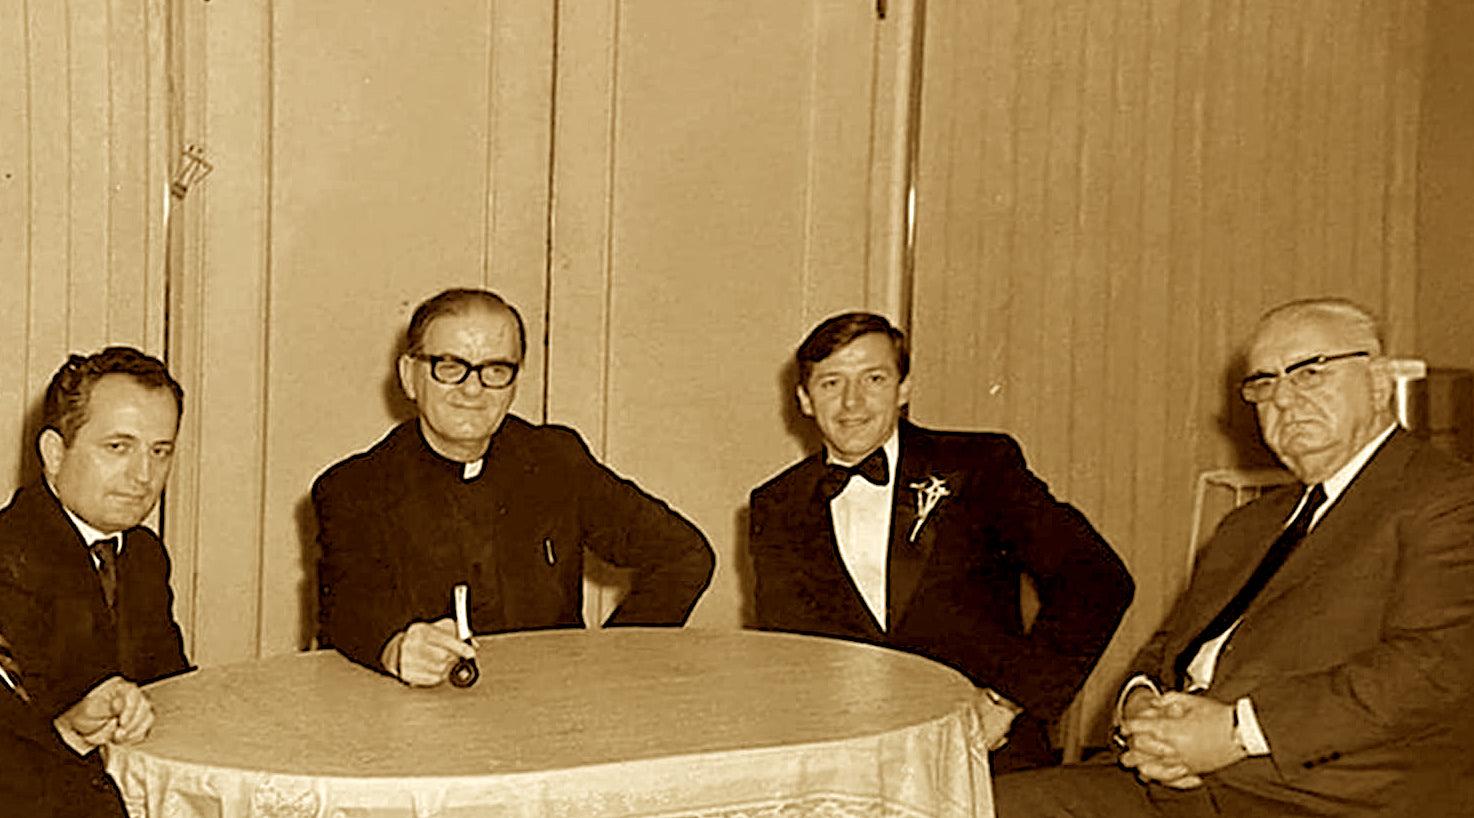 Nga e djathta Ernest Koliqi, Zef Përnoca, Dom Zef Oorshi dhe (?).